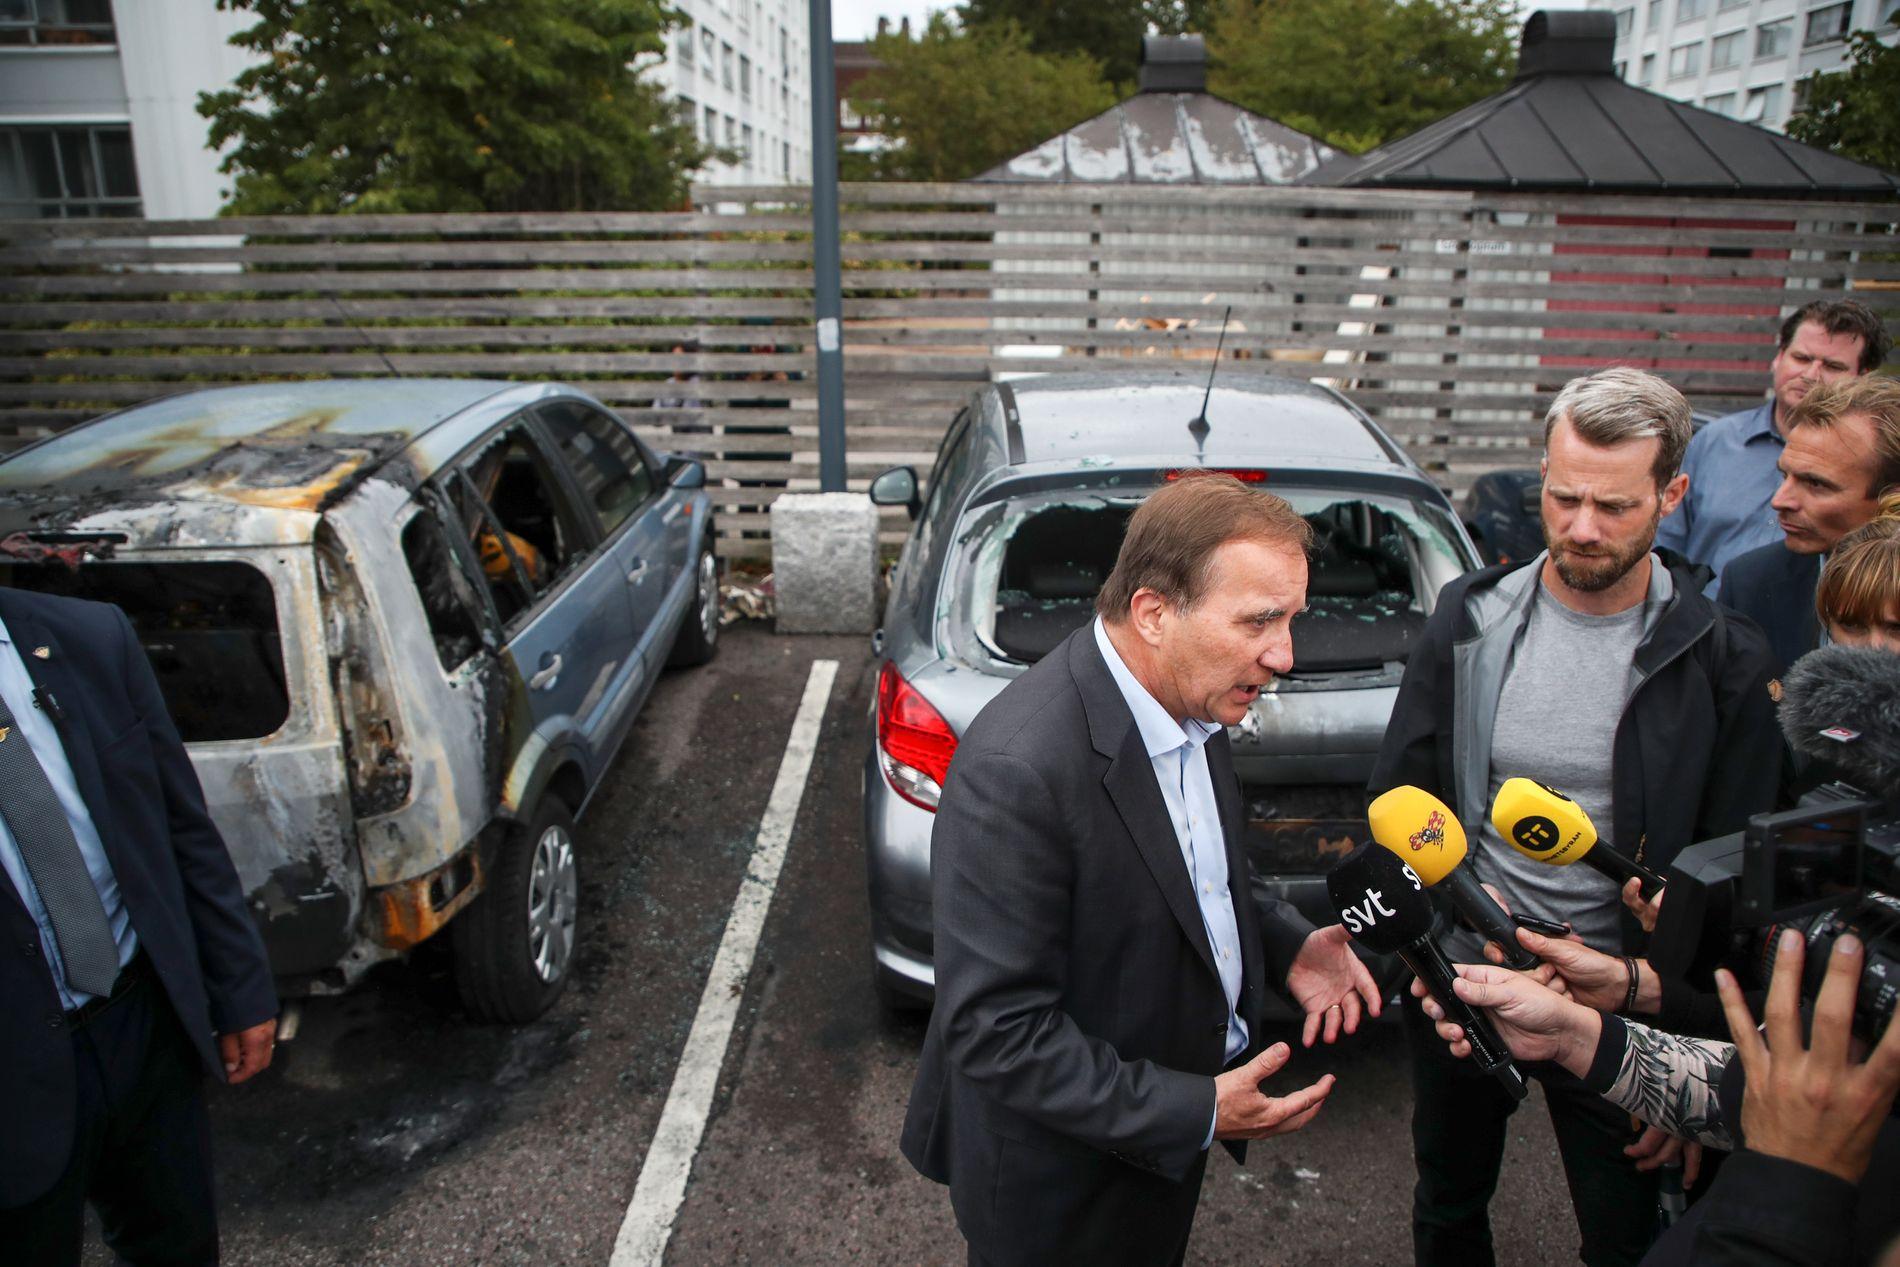 PÅ PLASS: Sveriges statsminister Stefan Löfven svarer på spørsmål fra reportere på Frölunda torg i Göteborg, etter mandagens mange påsatte bilbranner i byen.